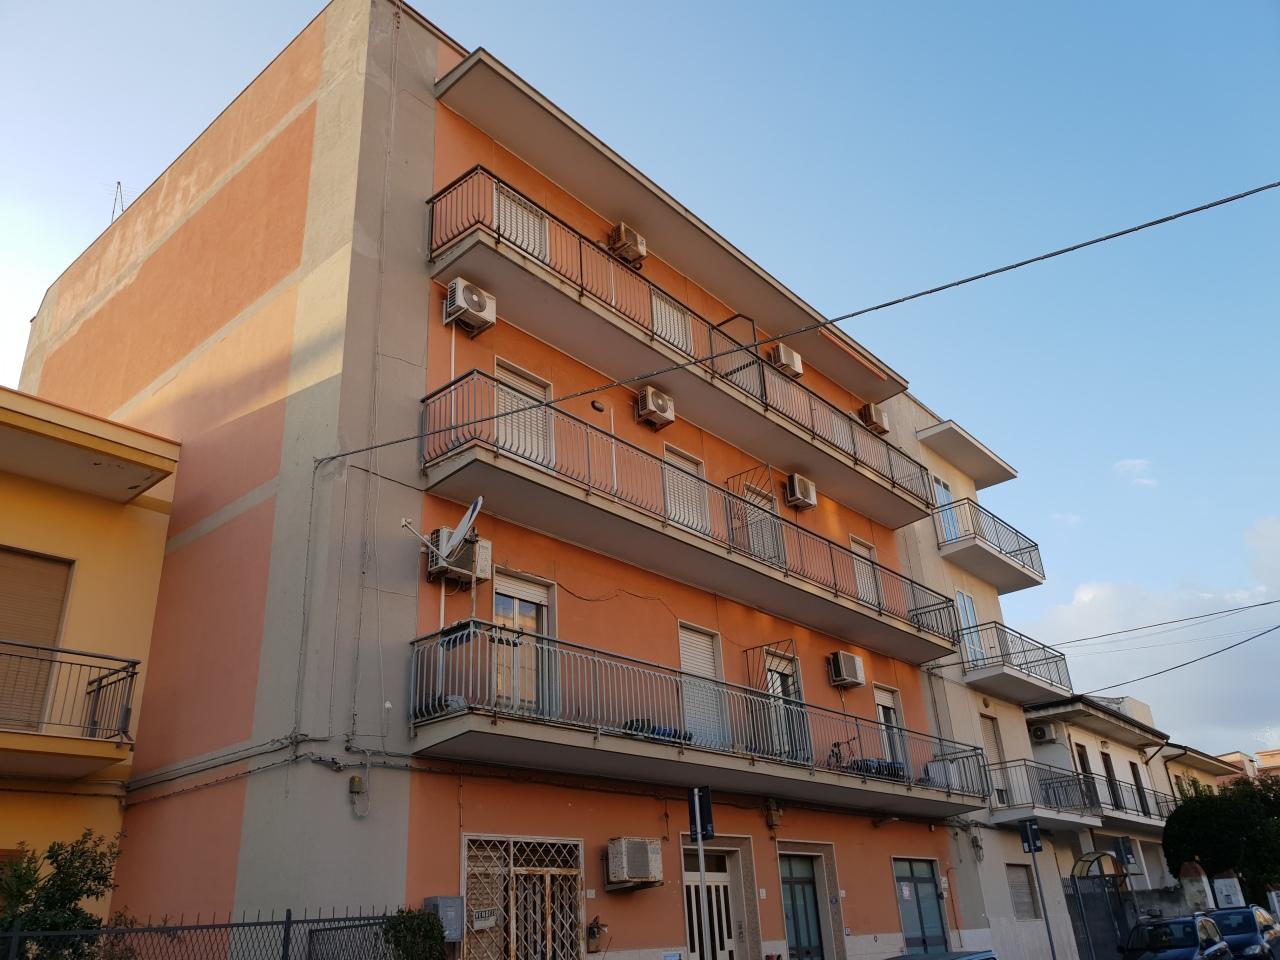 Appartamento - Trilocale a Tisia Tica Zecchino Filisto, Siracusa